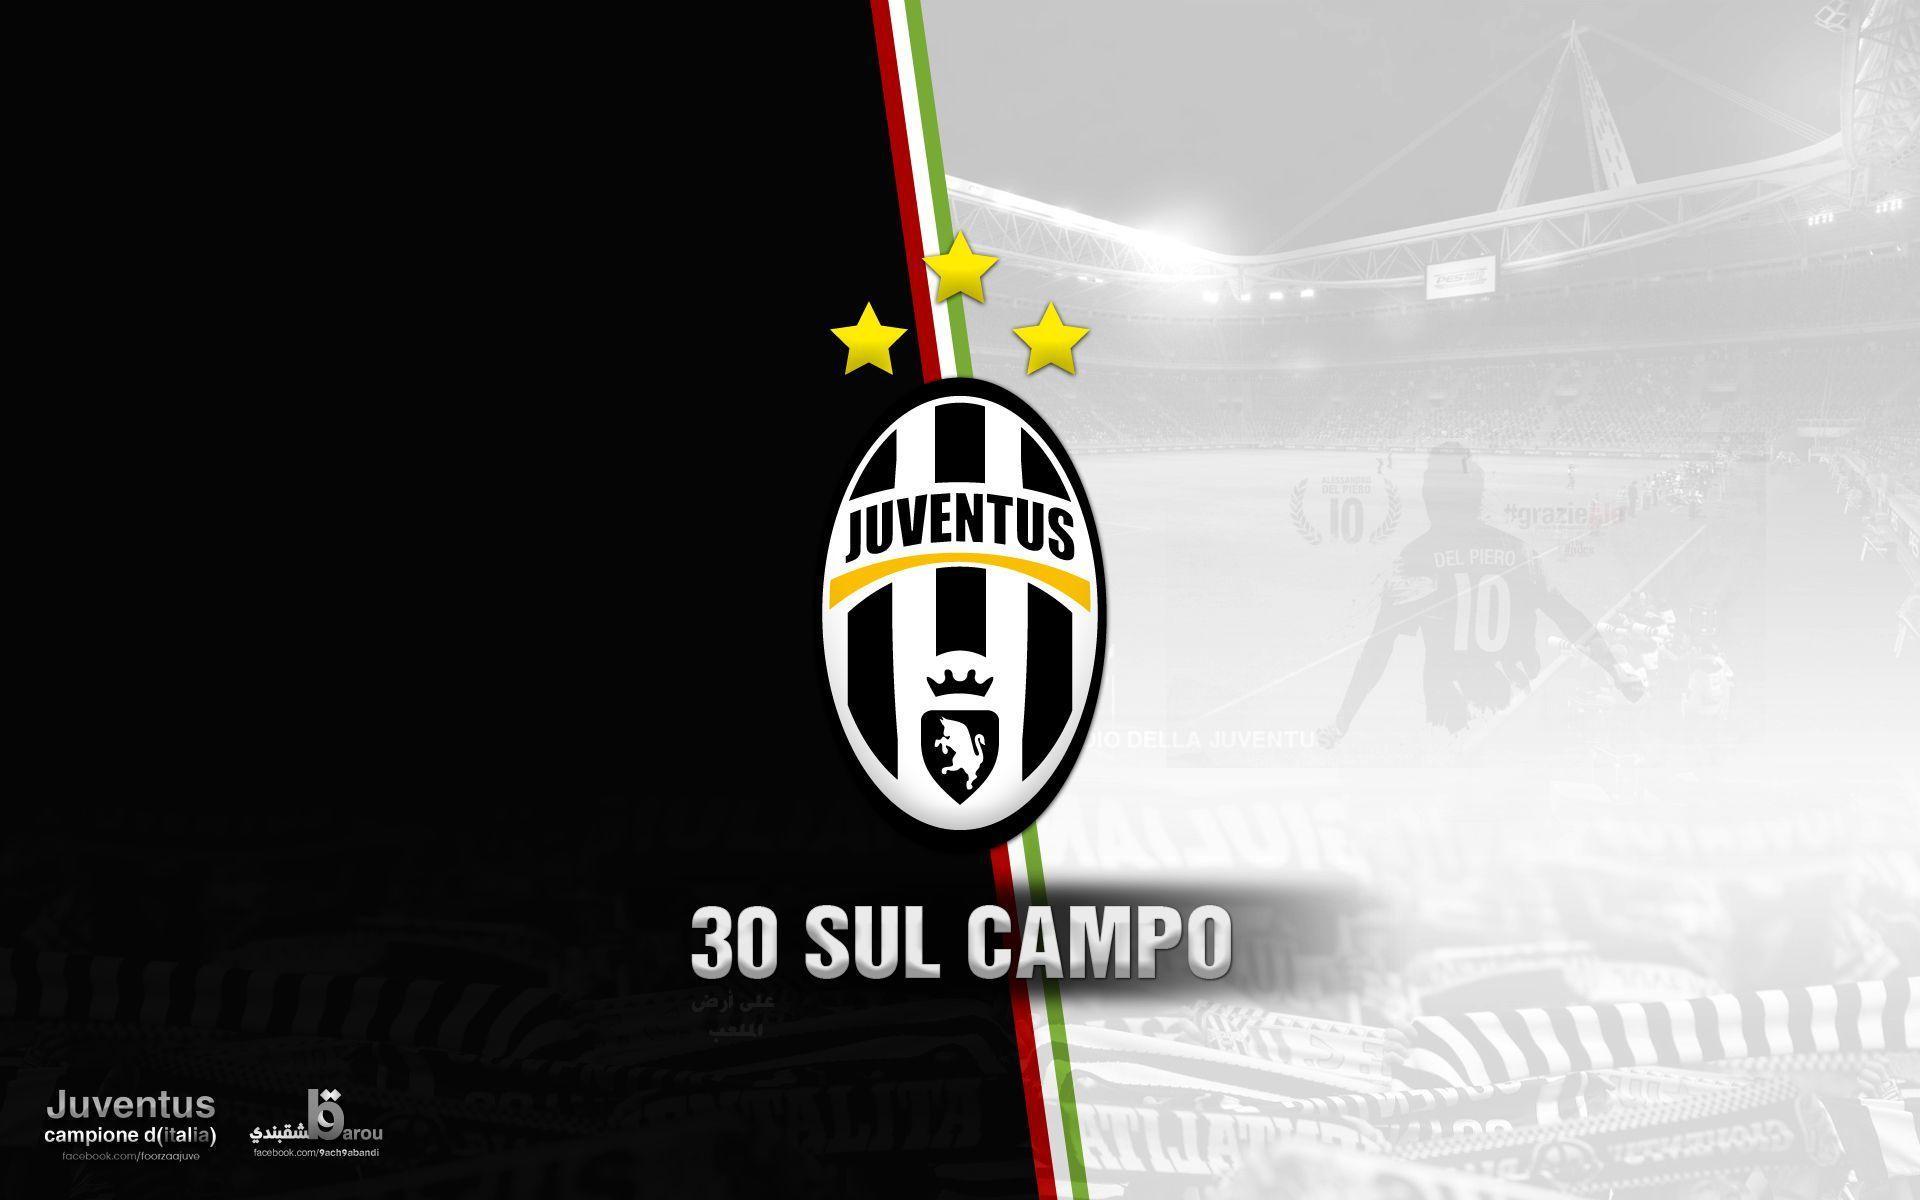 Free Download Logo Juventus Wallpapers 2017 1920x1200 For